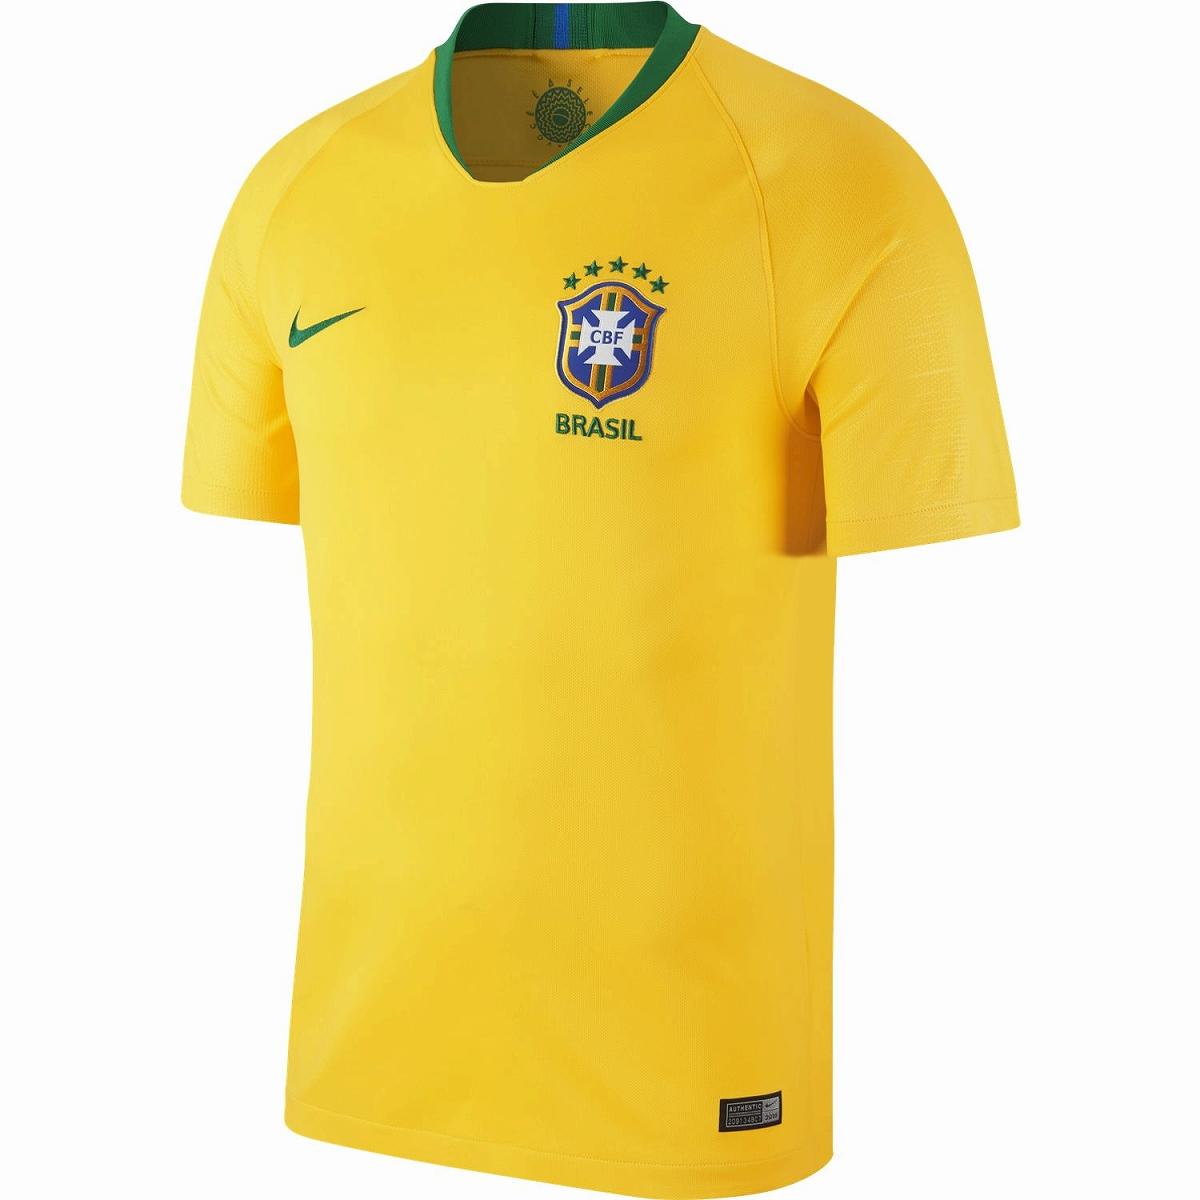 ナイキ 2018-19 NIKE-893856-749 CBF ブラジル BRT ゲーム ホーム シャツ 半袖